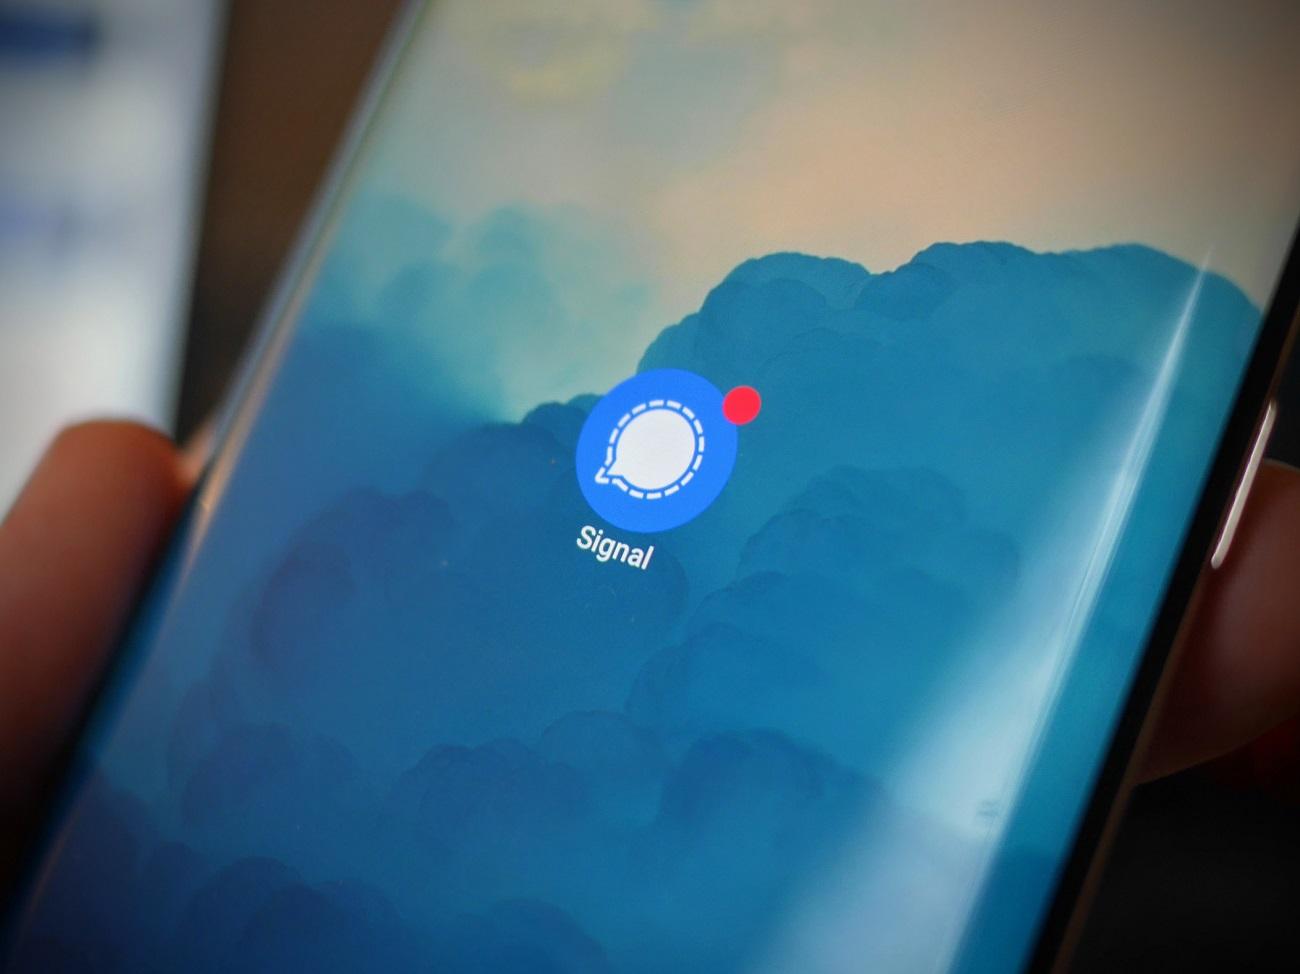 Fonds d'écran, stickers, statuts : Signal fait le plein de nouvelles fonctionnalités